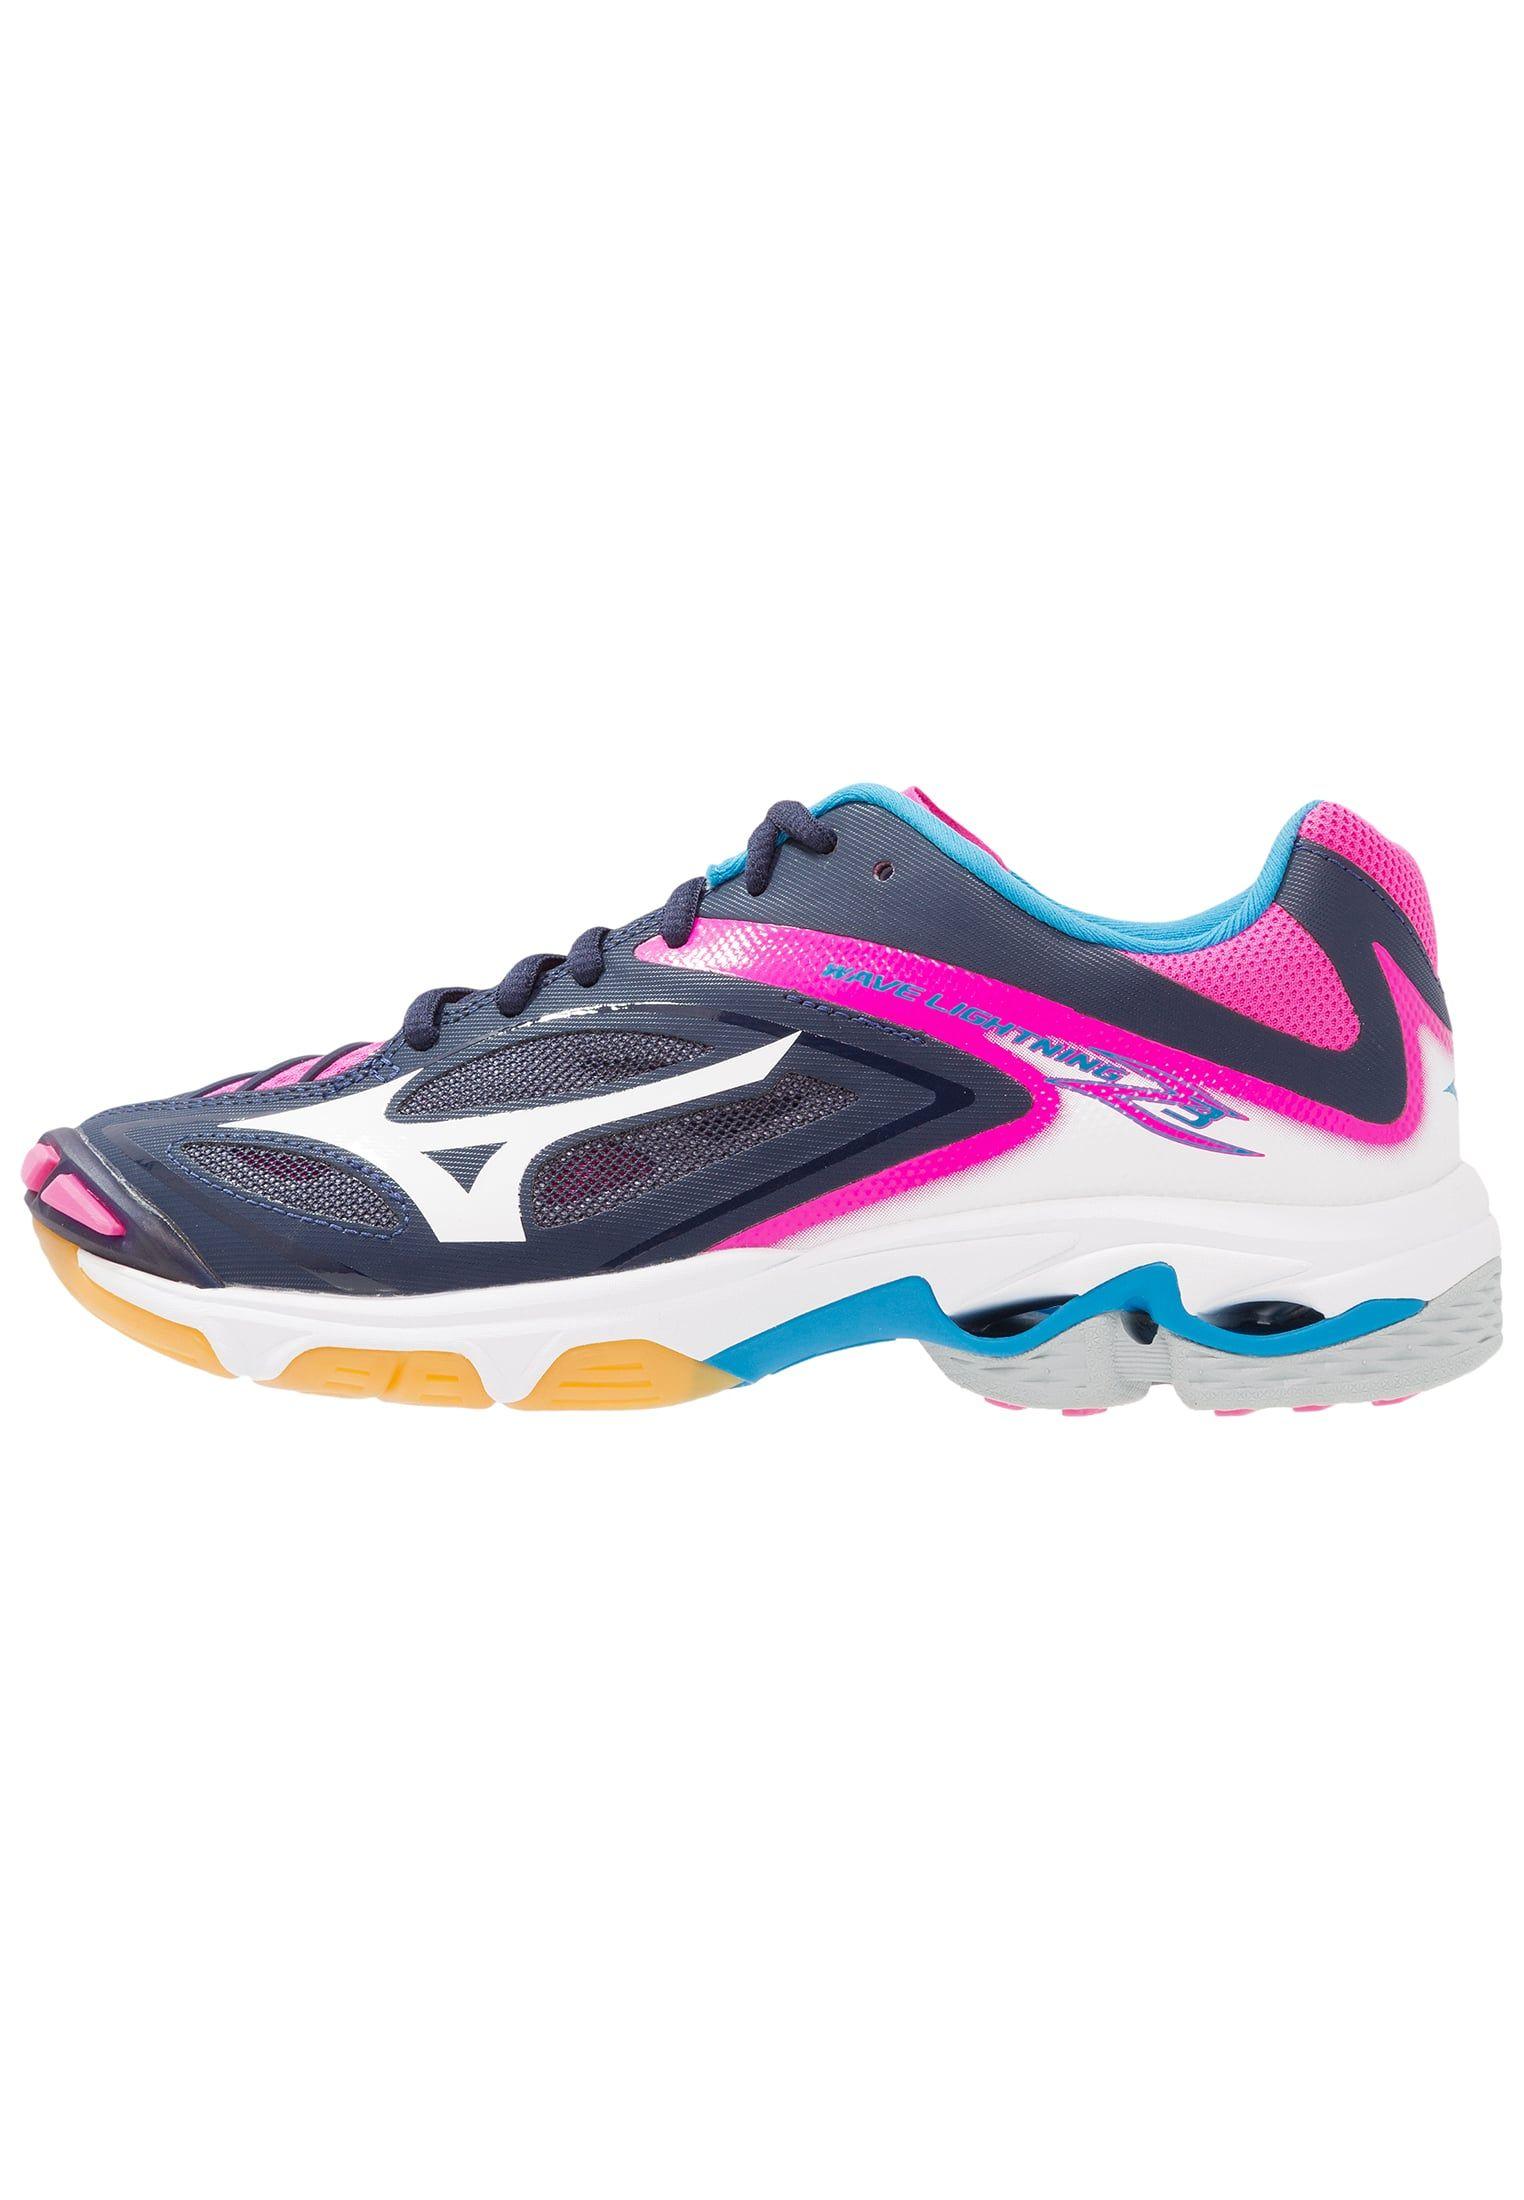 volleybalschoenen adidas